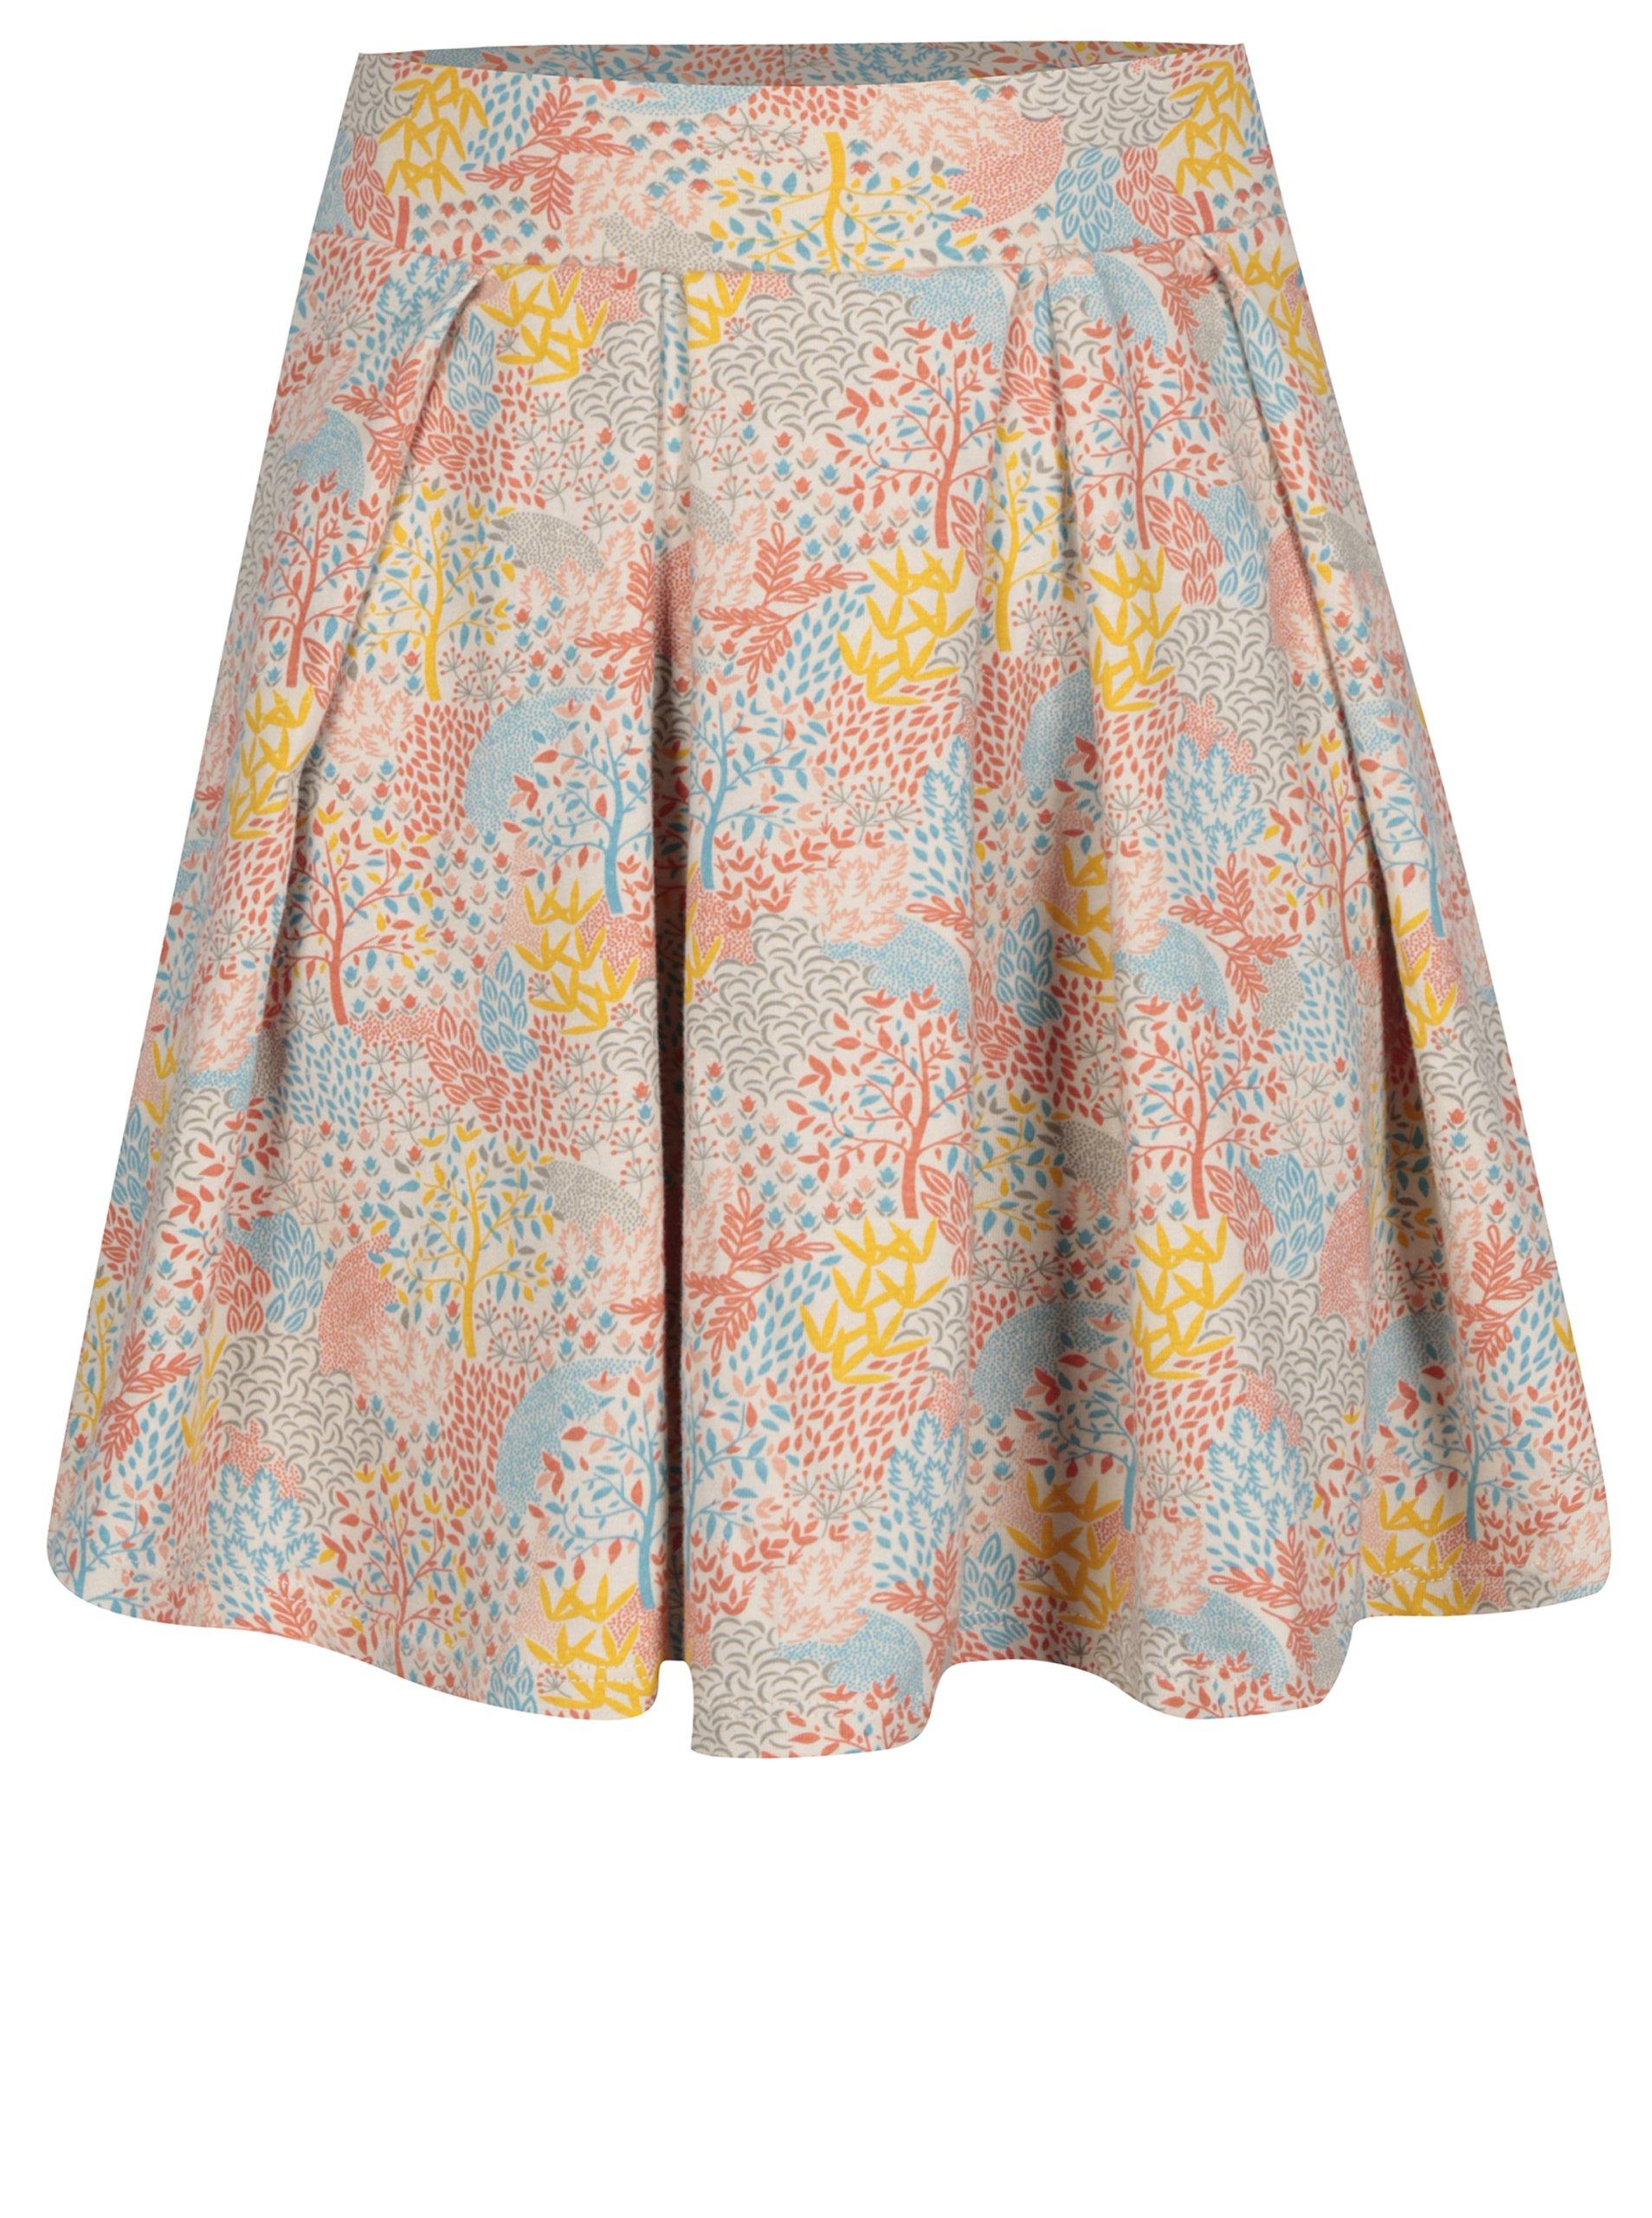 Oranžovo-krémová vzorovaná holčičí sukně 5.10.15.